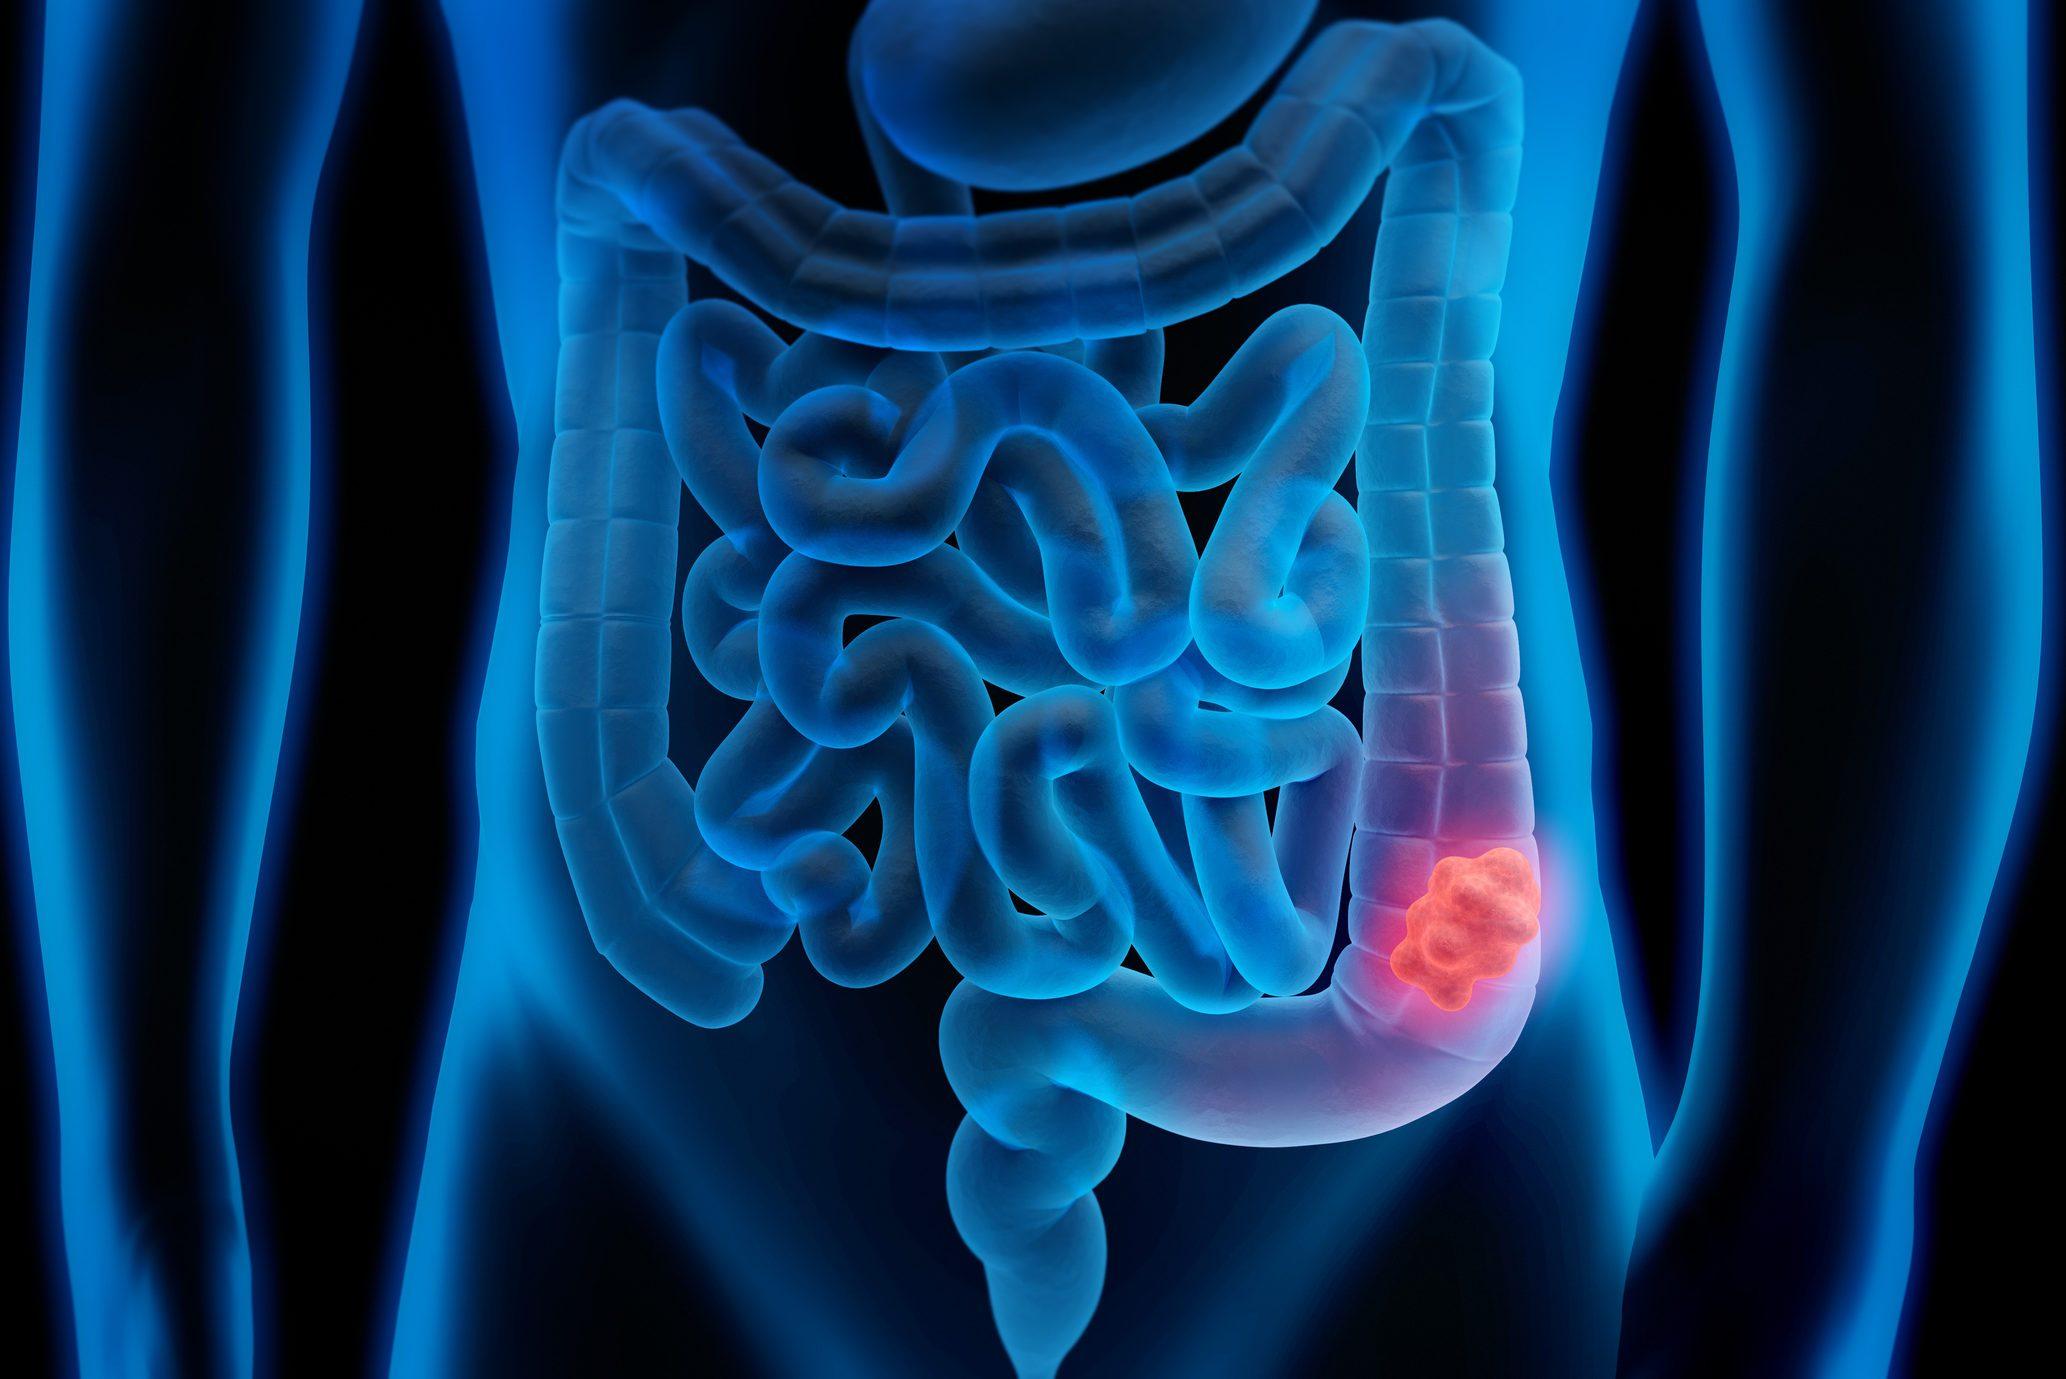 3d illustration of colon cancer - colon tumor